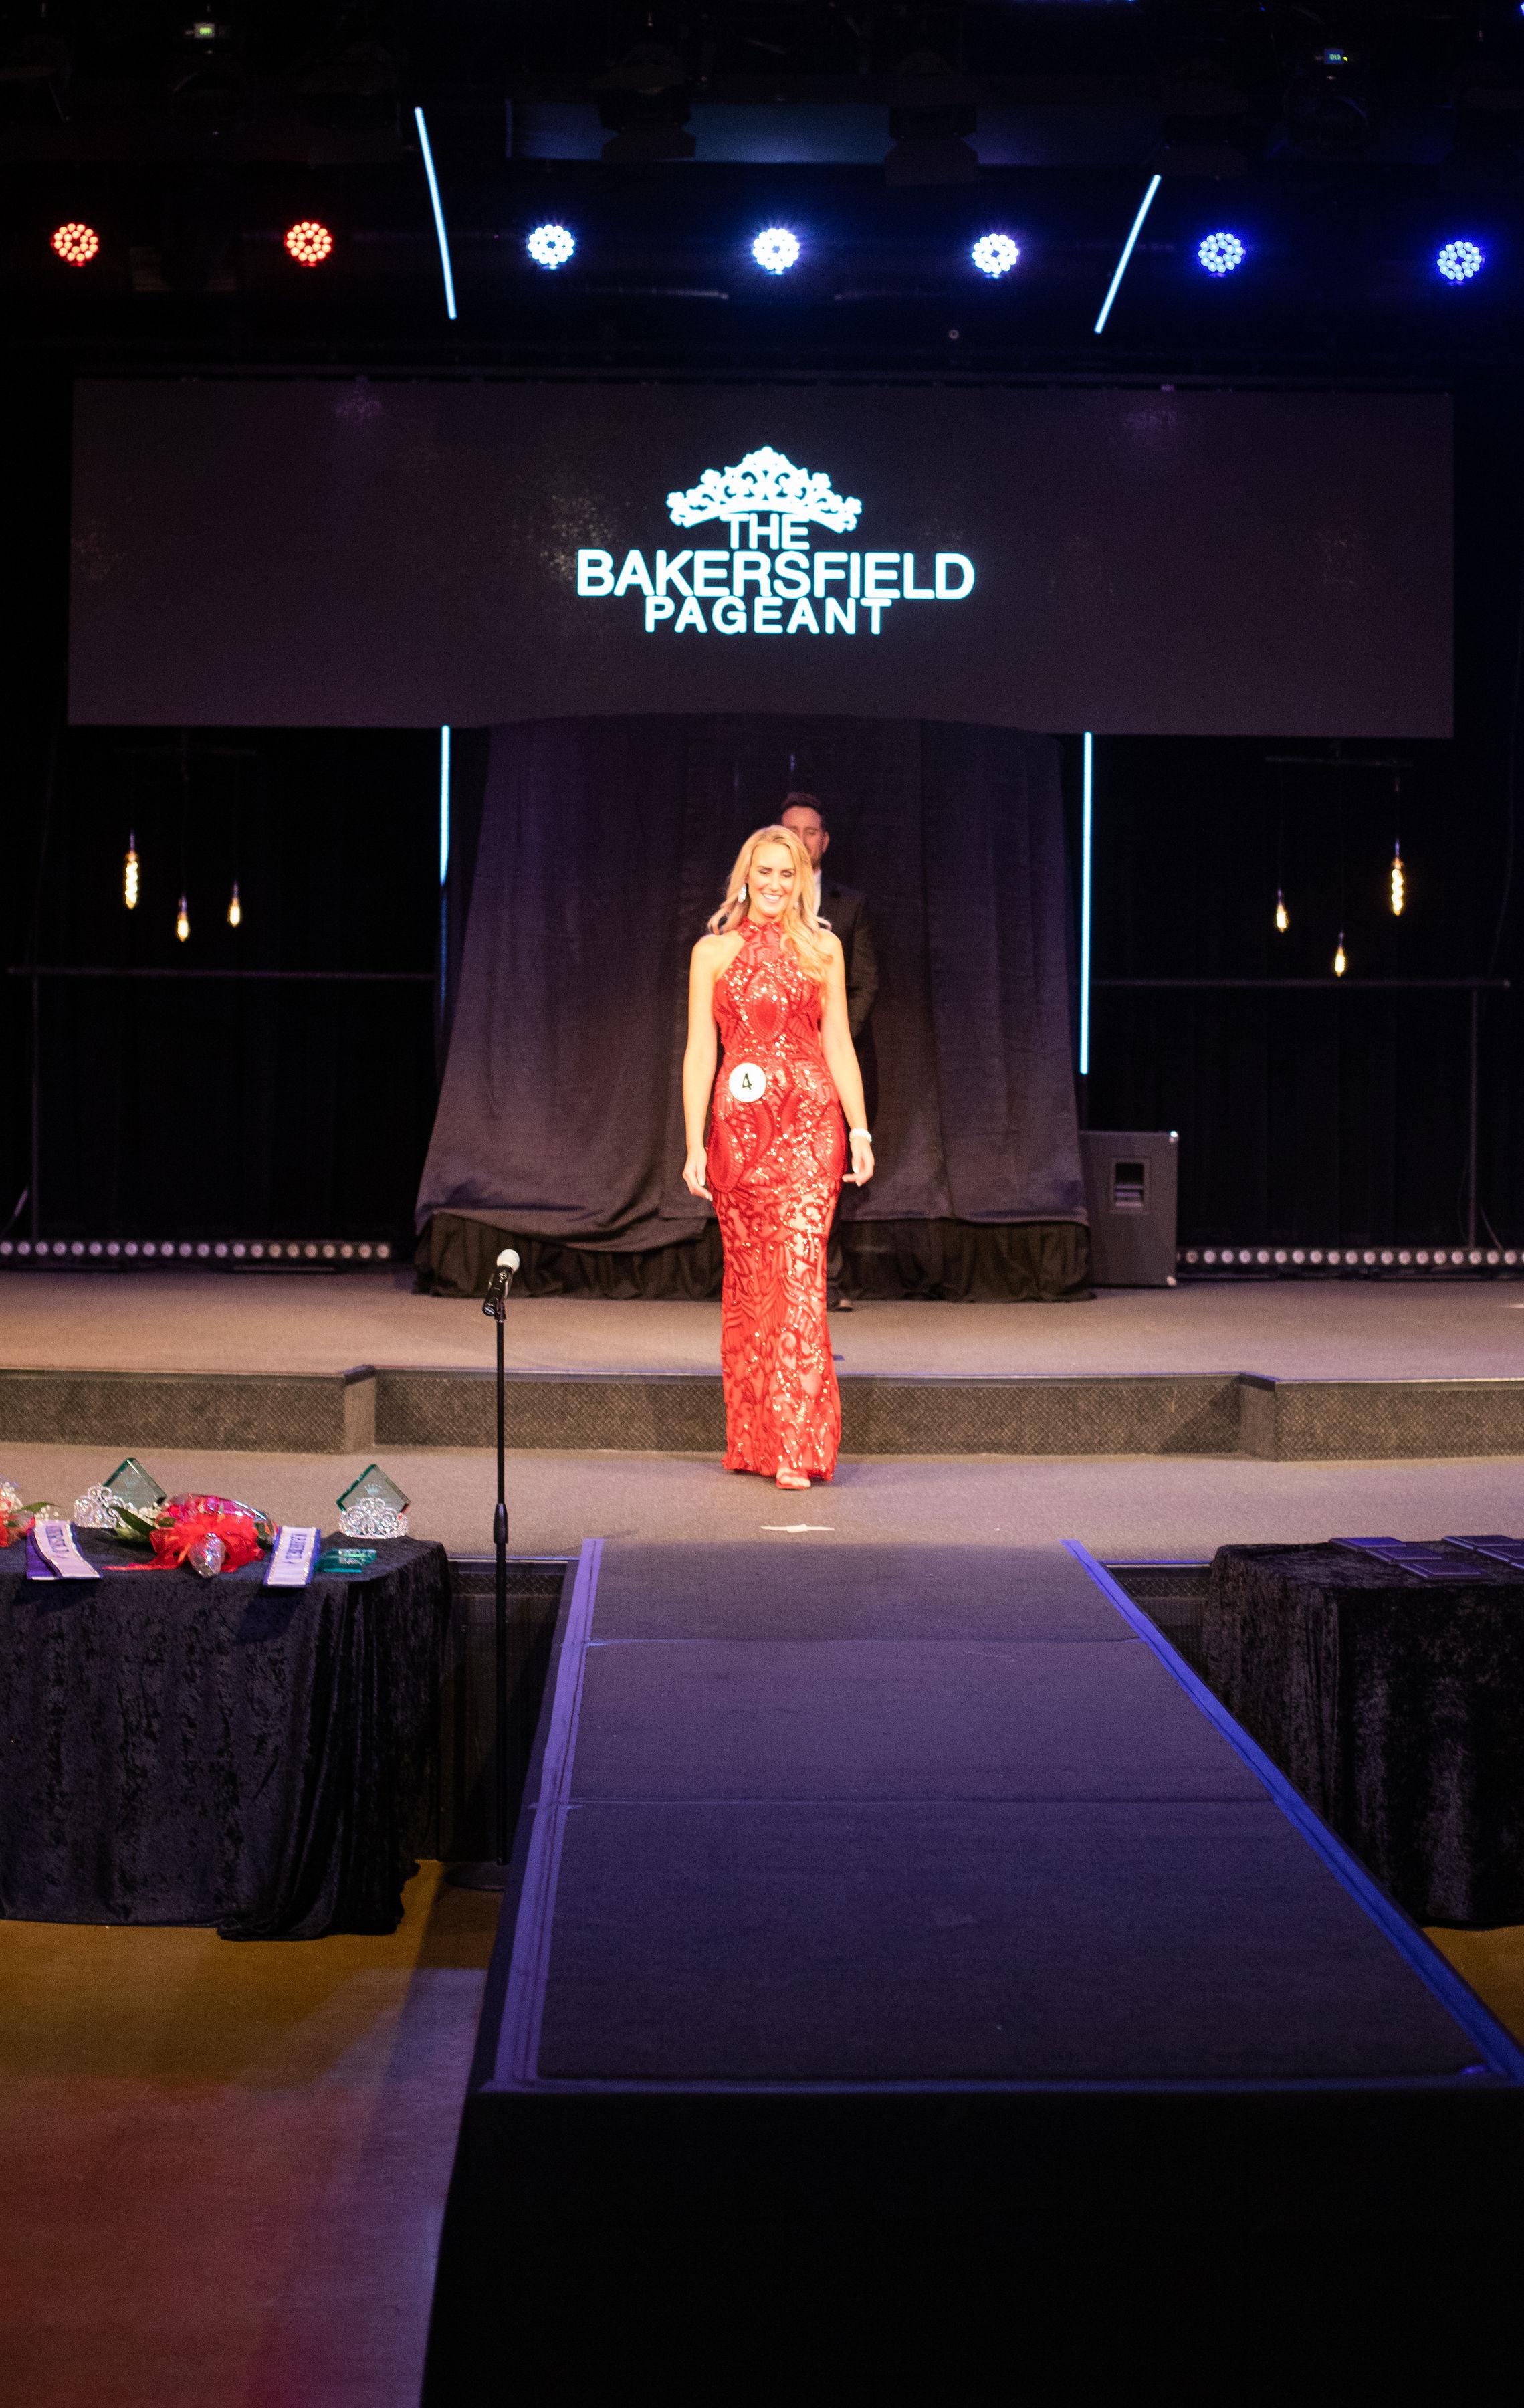 BakersfieldPageant-198